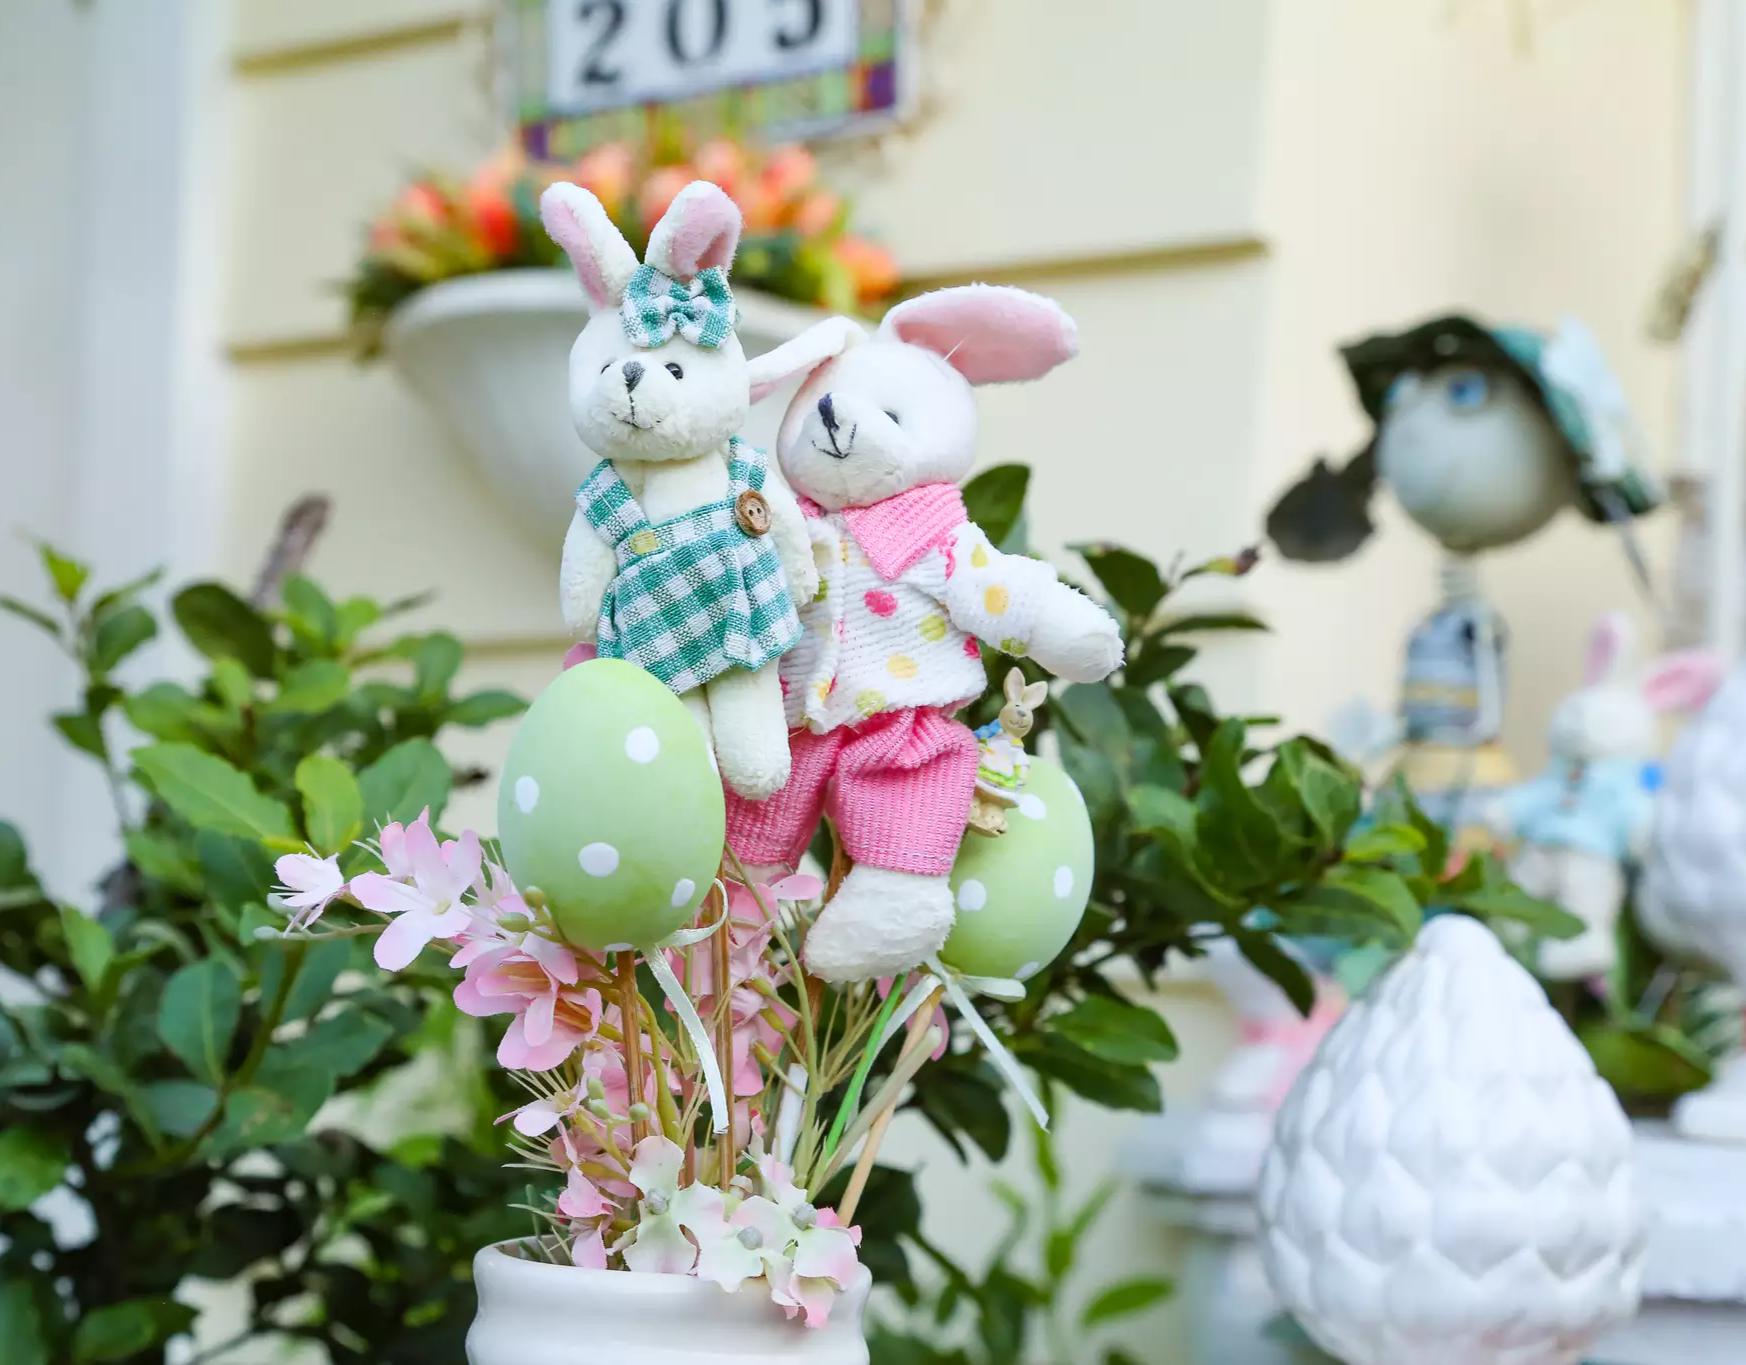 Vasos foram decorados com ovos falsos e sortidos, além de bonequinhos coloridos (Foto: Kísie Ainoã)